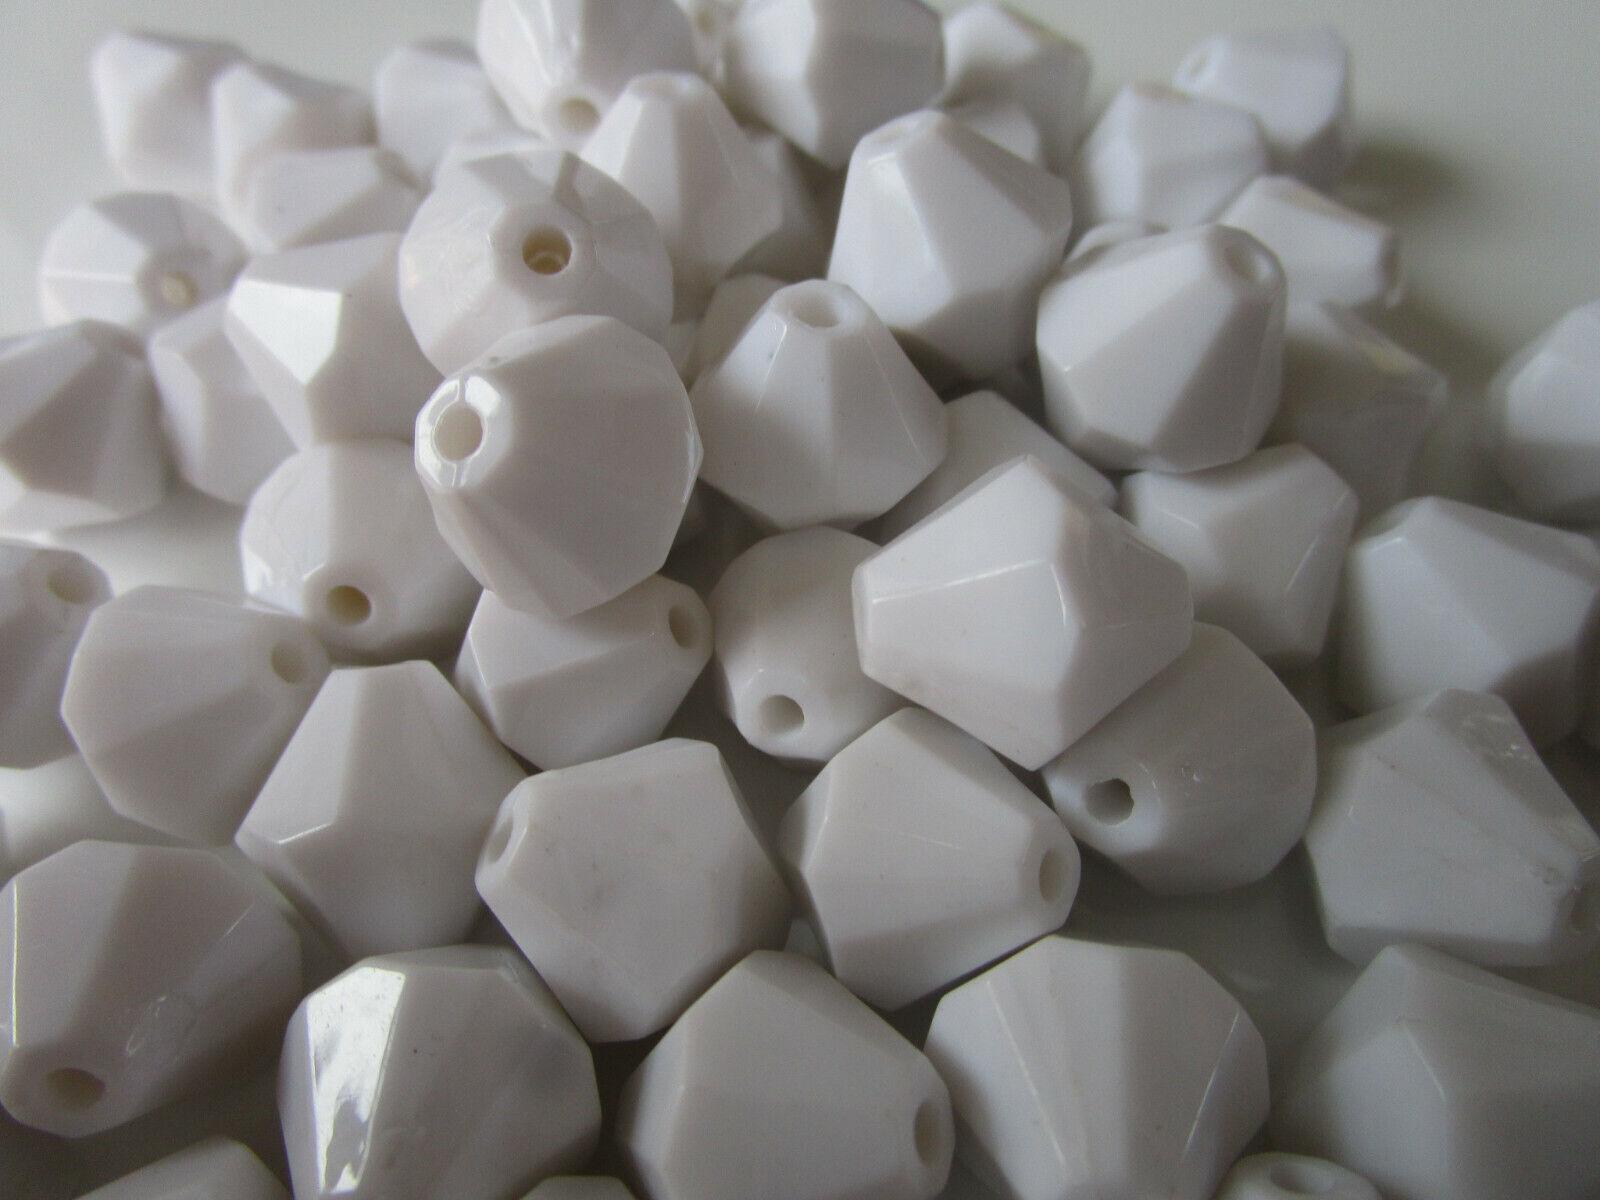 100 Perlen weiß 2cm rund Tischdeko Dekoperlen Wachsperlen PL 033  N